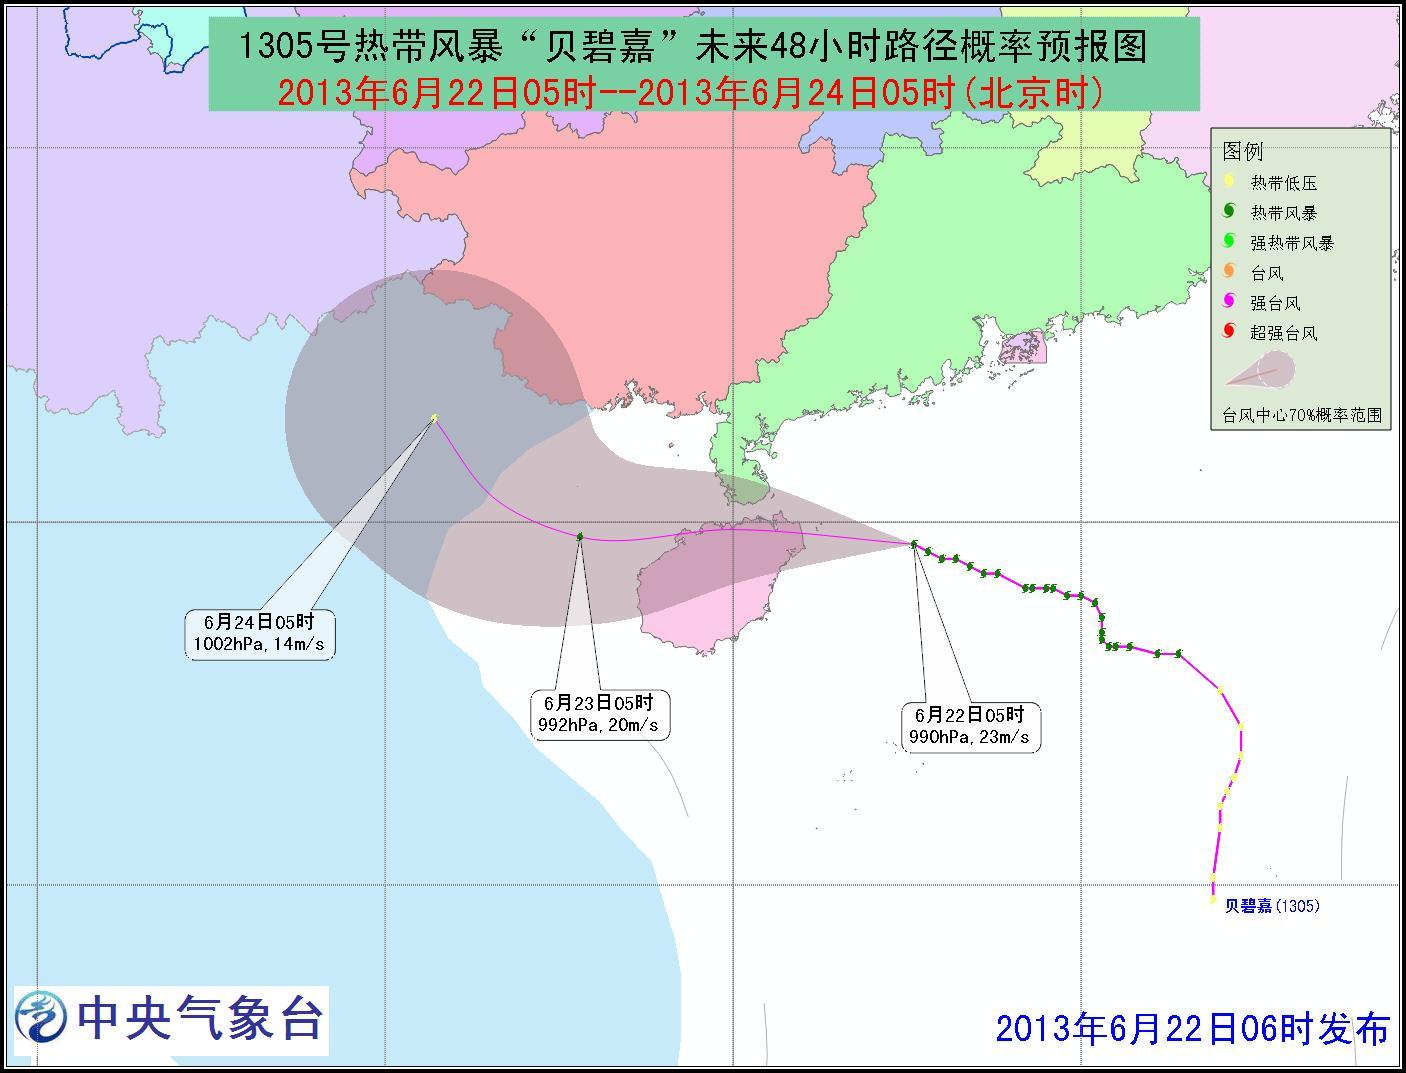 贝碧嘉台风最新路径图 11时11分登陆海南潭门镇 实拍登陆琼粤沿海画面 组图